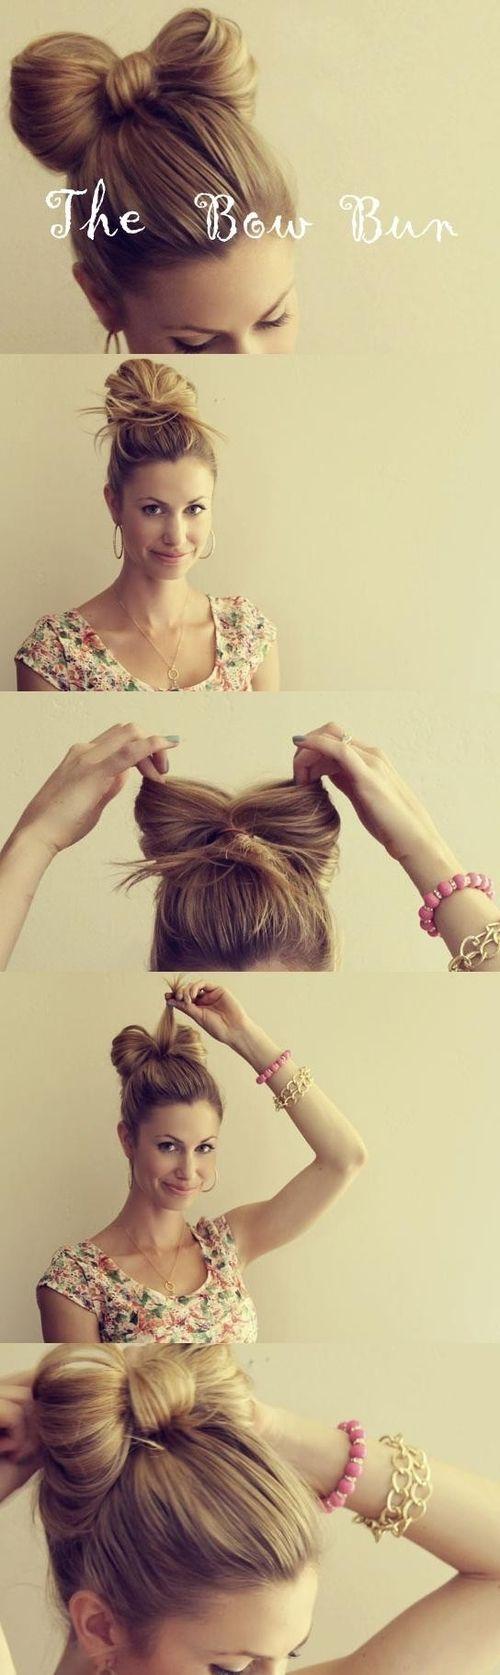 Tutorial on how to do a hair bow bun.